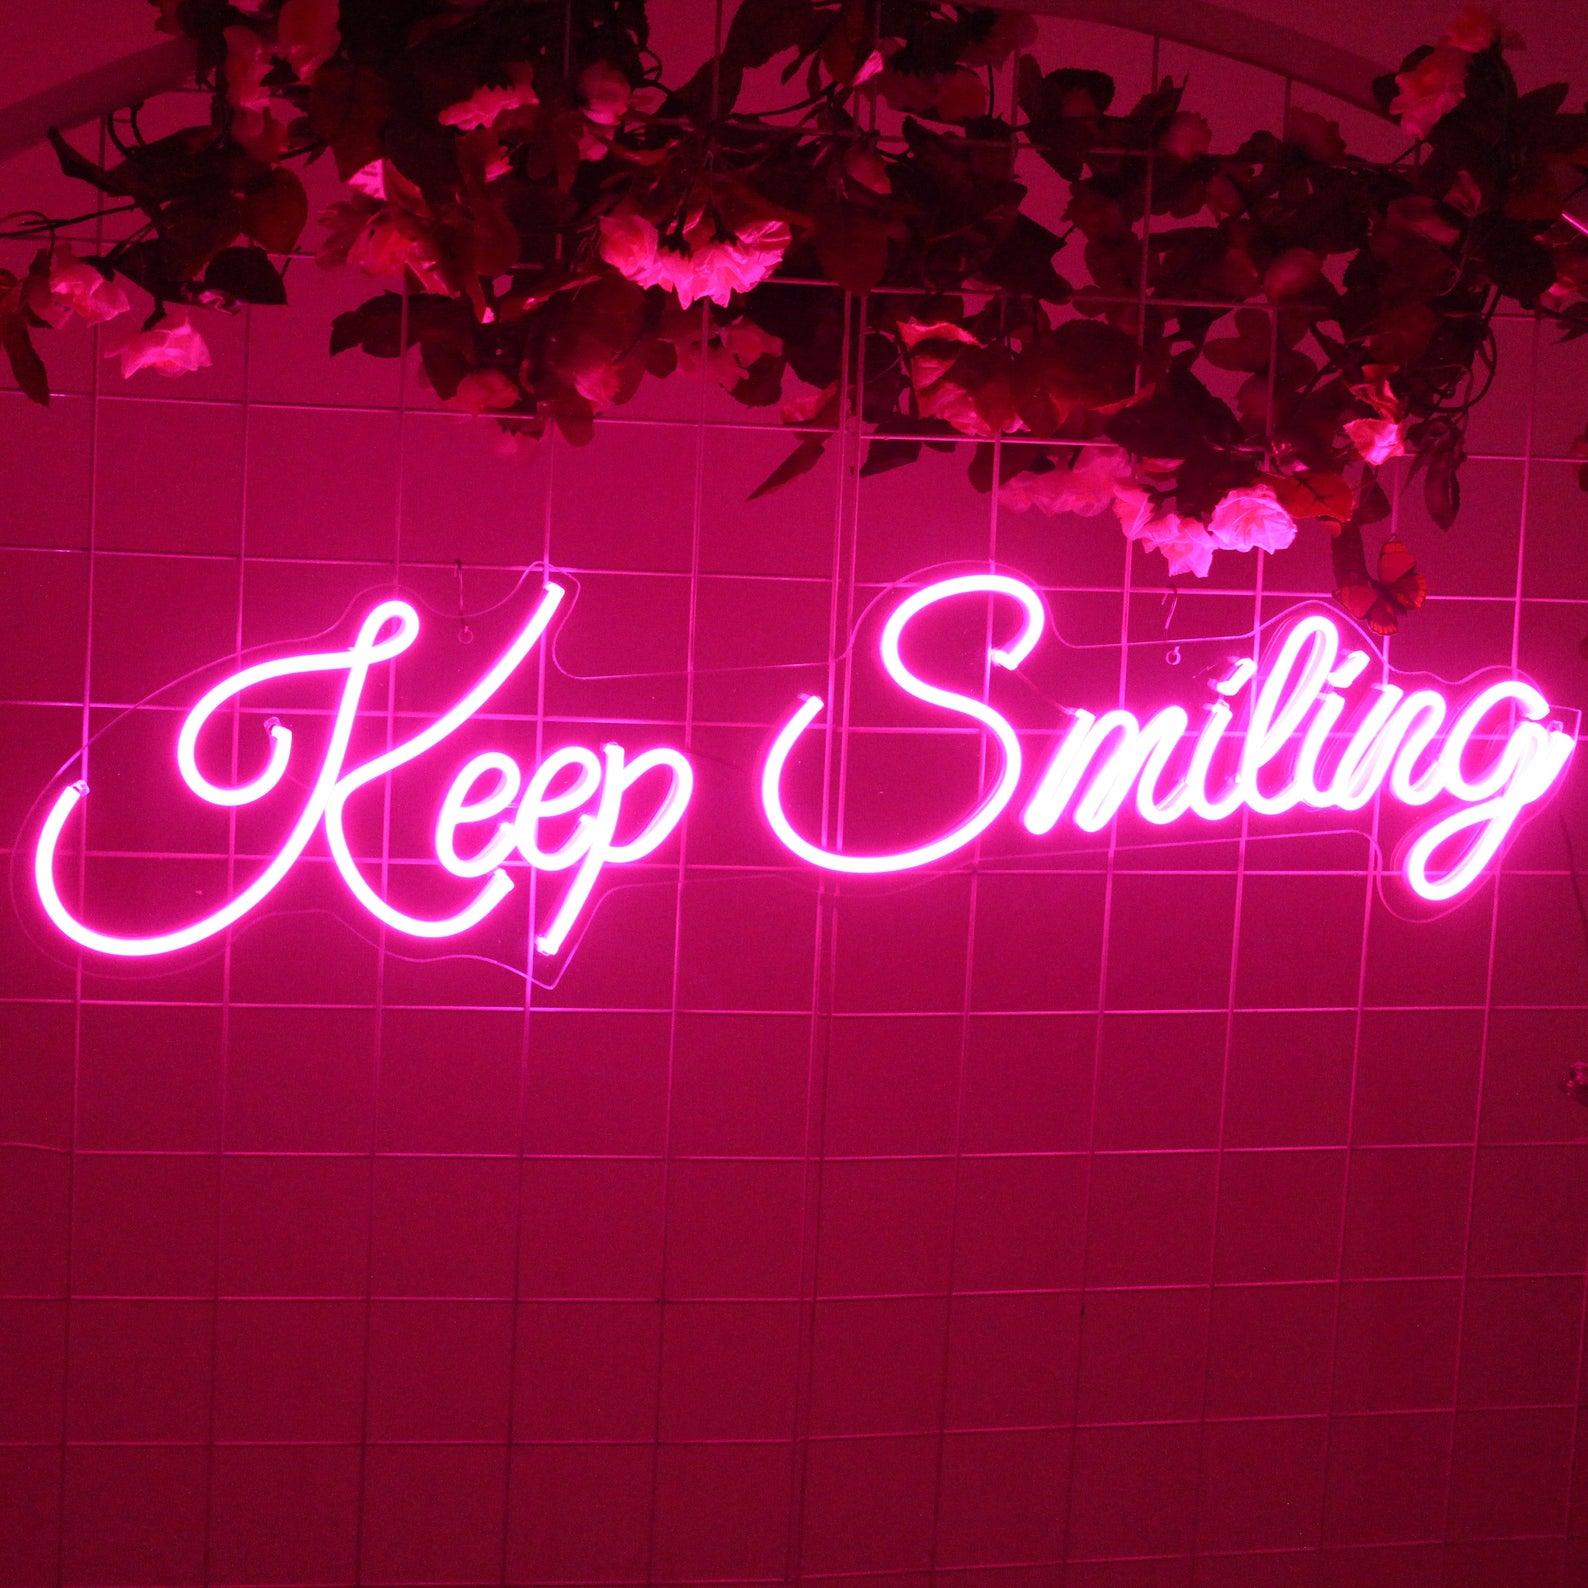 الحفاظ على ابتسامة النيون تسجيل مخصص صورة ظلية الديكور مرنة وحدة إضاءة LED جداريّة غرفة نوم الاكريليك الفن الوردي الأحبة هدايا بطابع شخصي ل